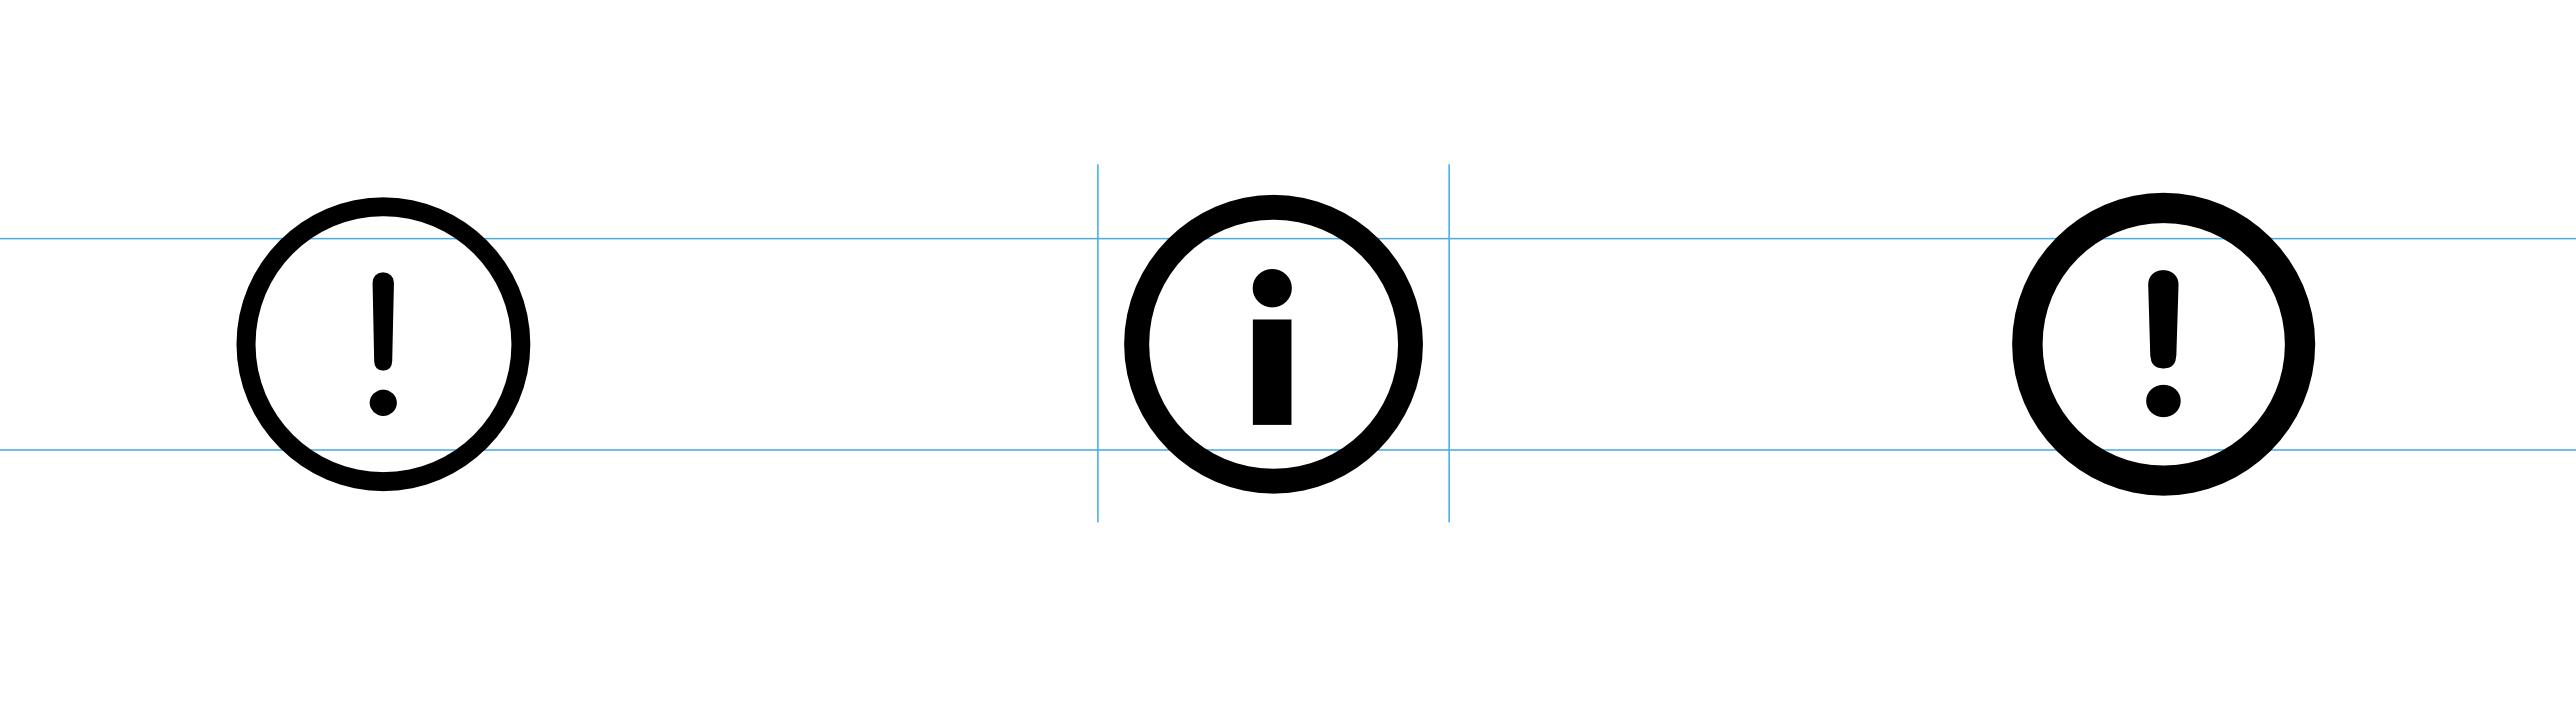 Adding a letter i